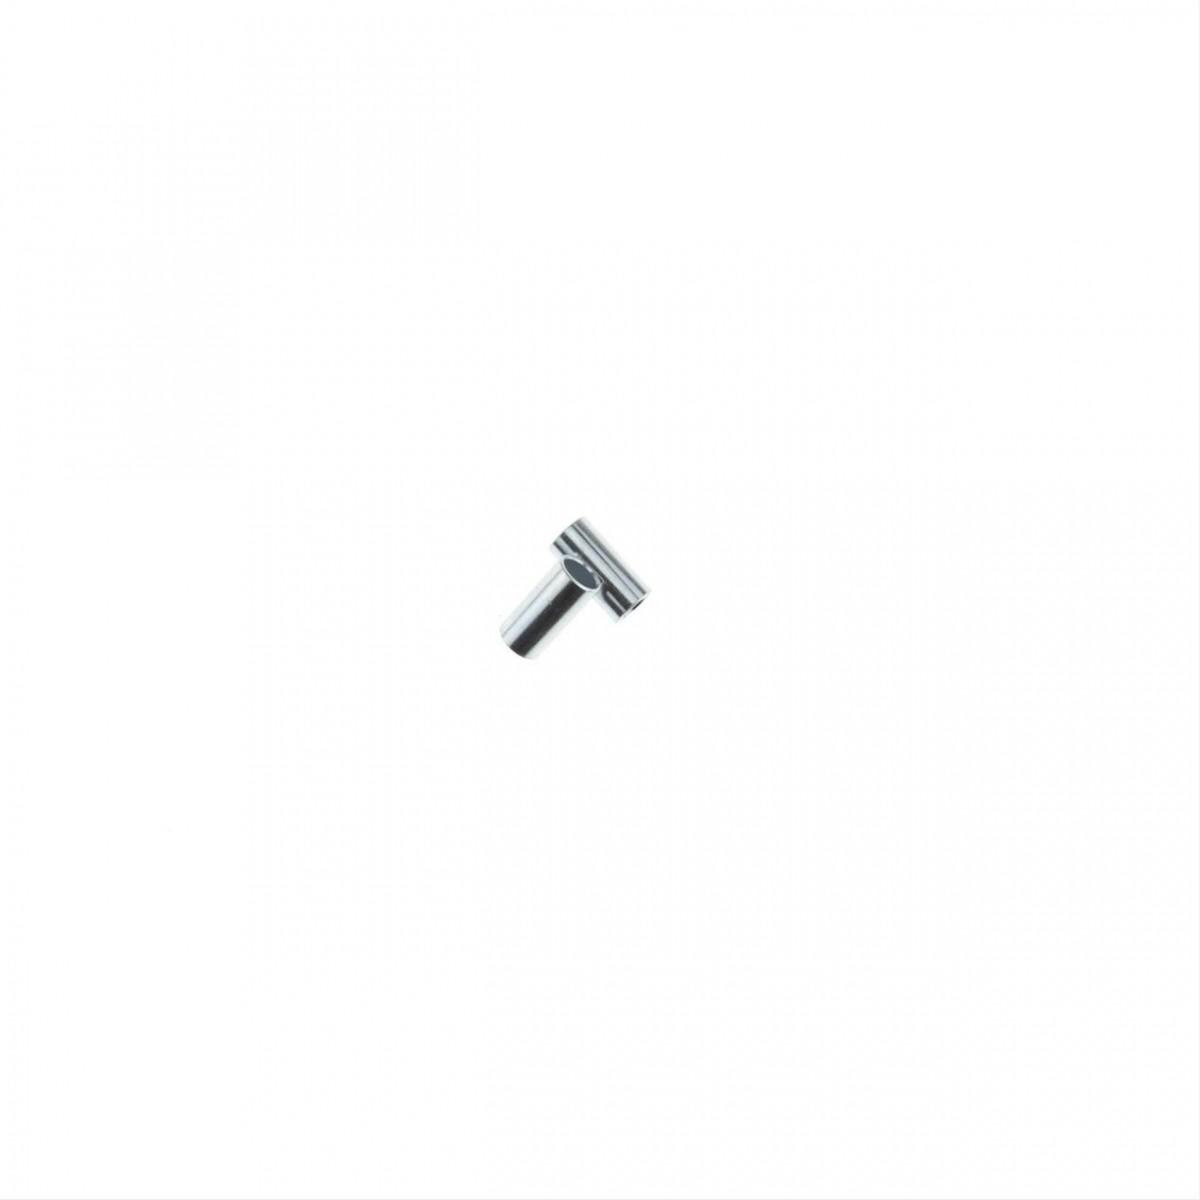 46mm Bilstein 33-230351 Monotube Shock Absorber